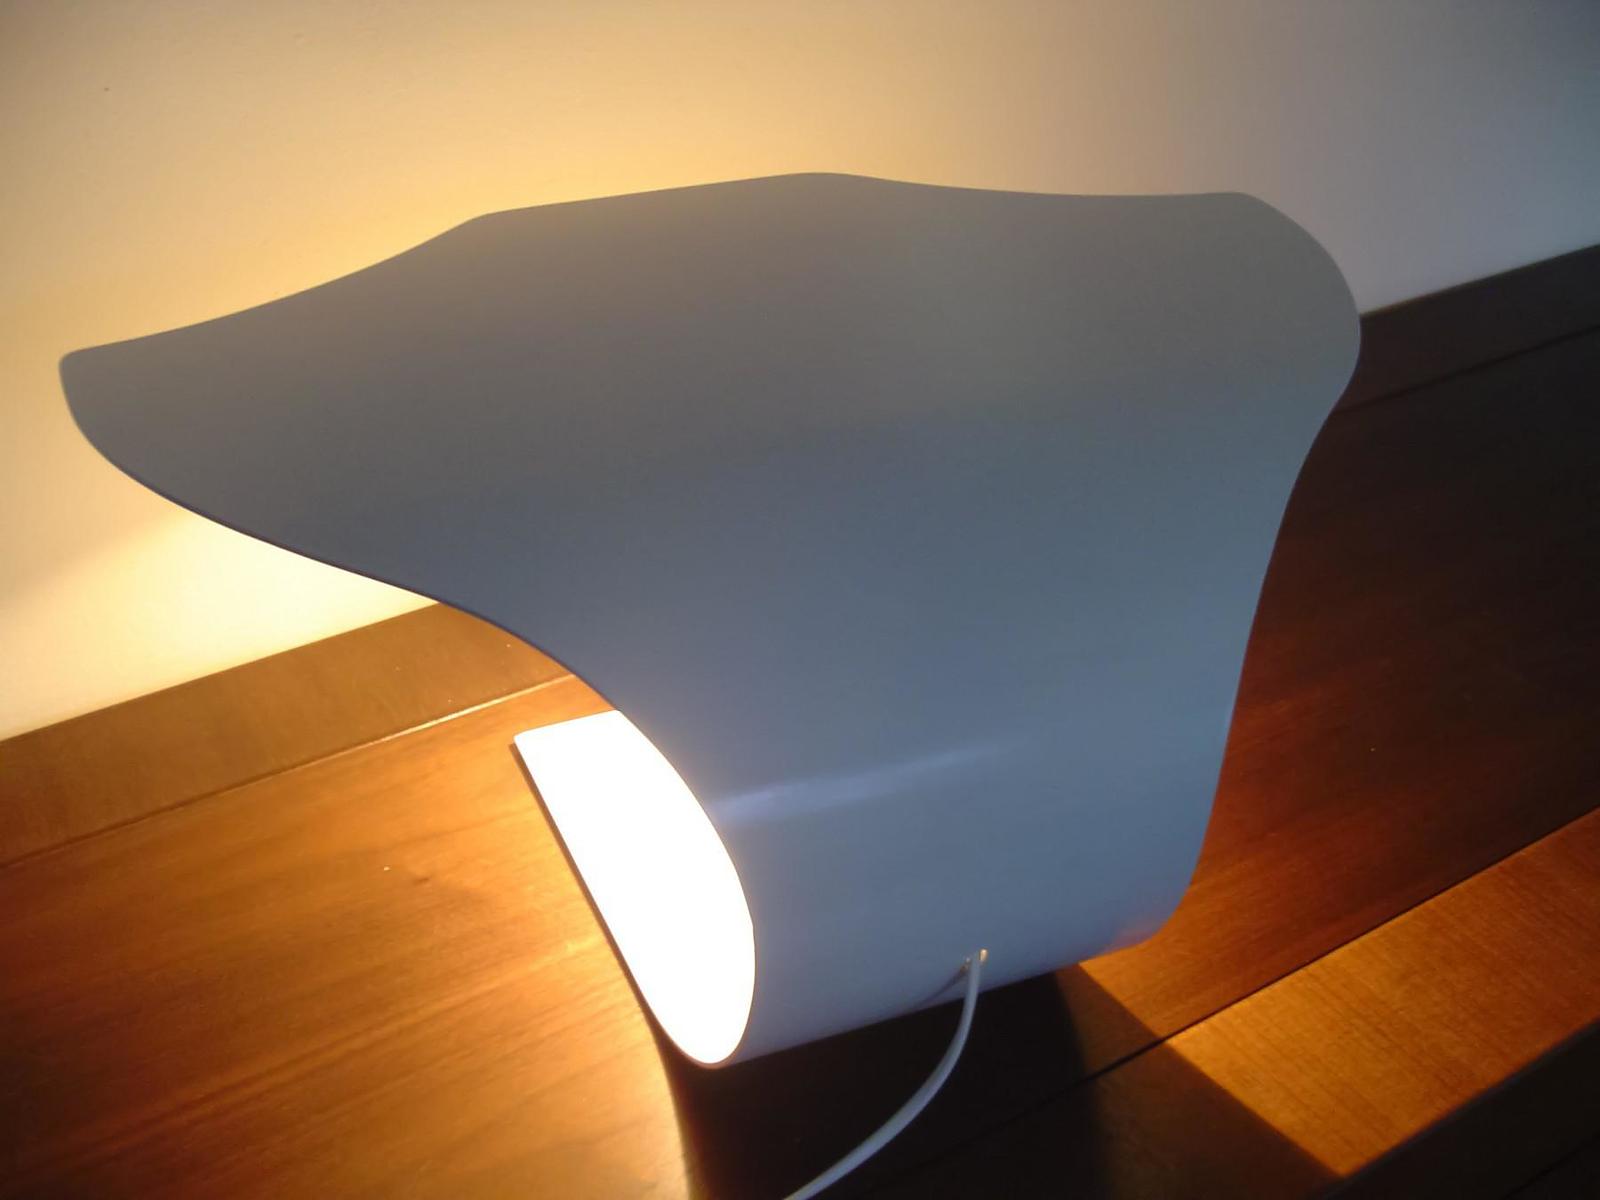 Manta 2.0: Ray of Light, Table Lamp by Joeri Claeys.